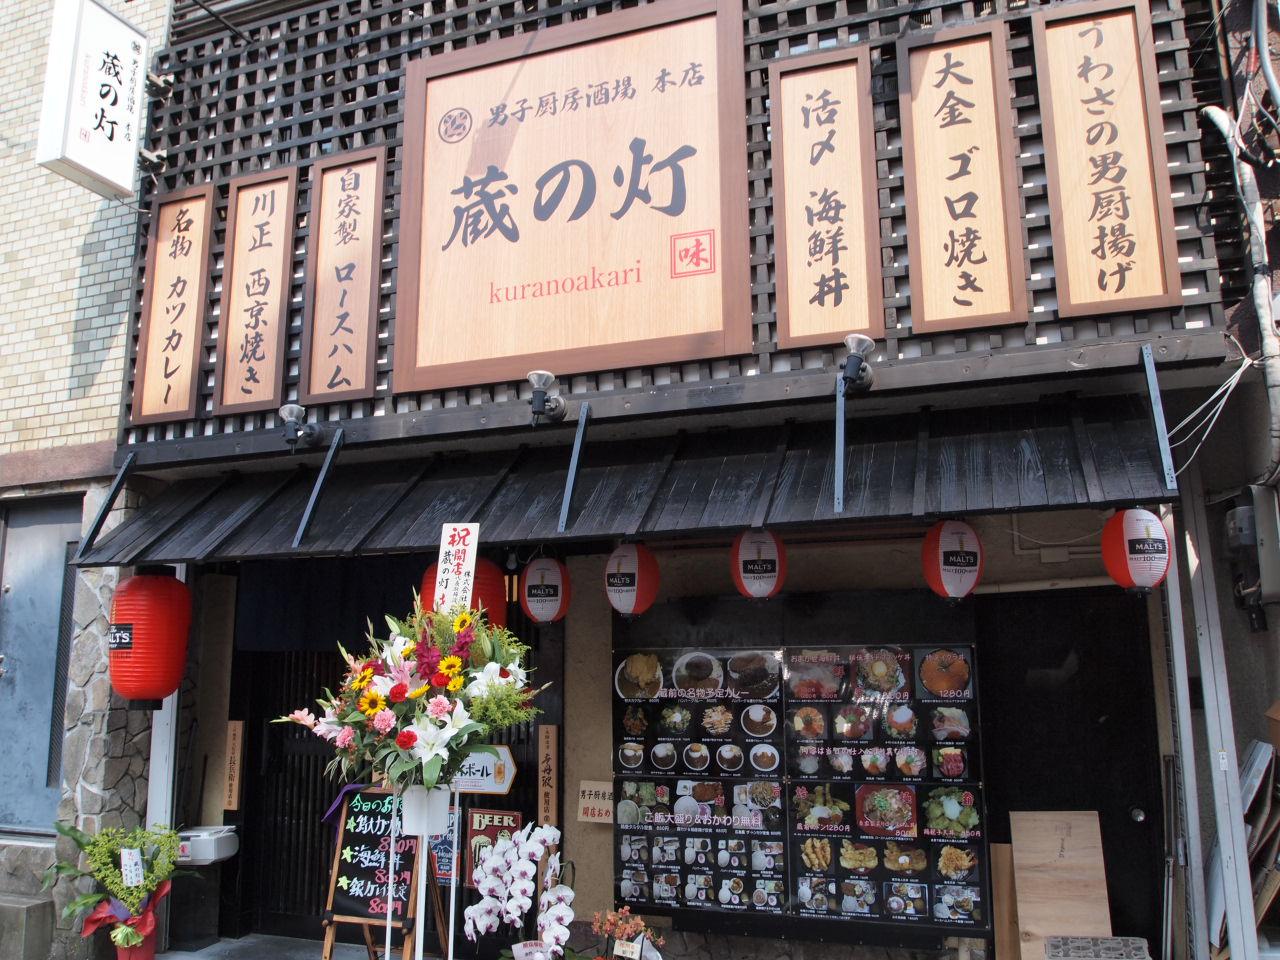 秋葉原/御茶ノ水/神田_男子厨房酒場 蔵の灯_写真3